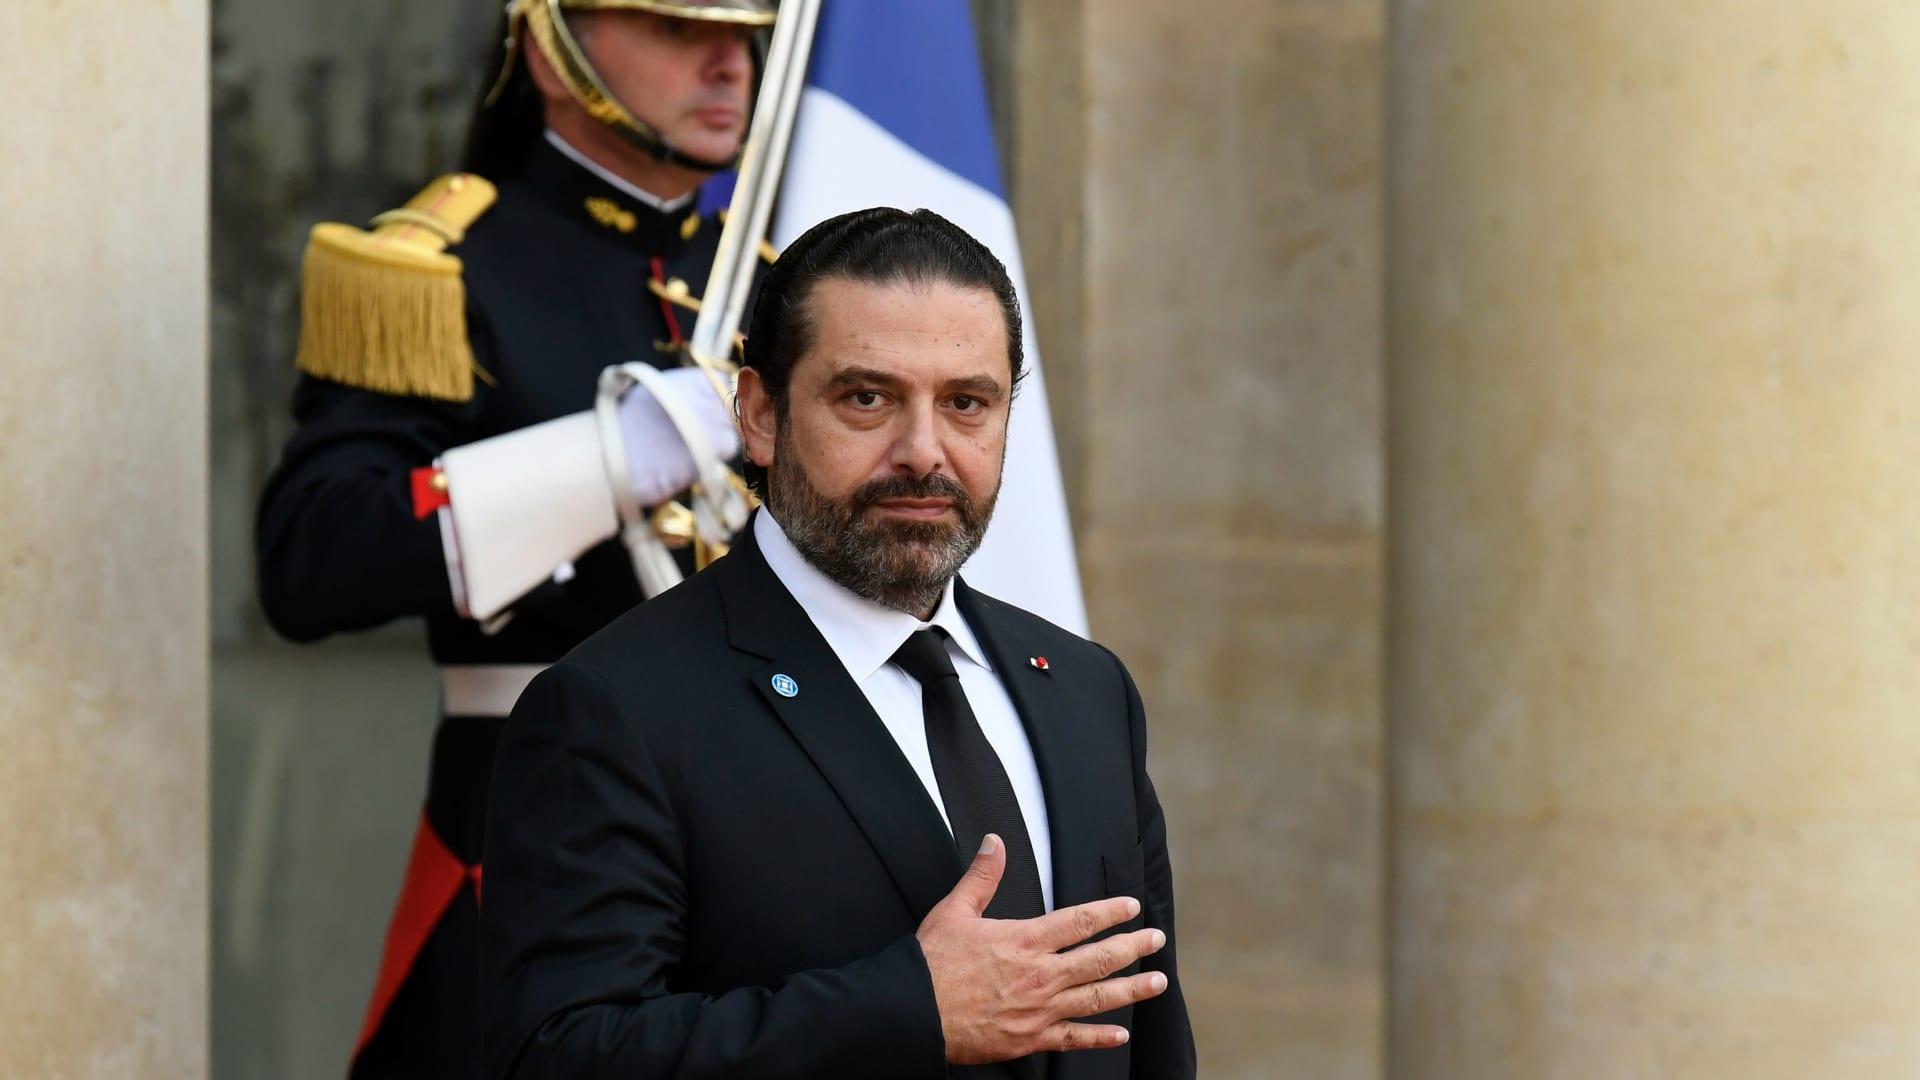 بعد اتهامه بدفع 16 مليون لعارضة أزياء.. الحريري: سأواصل العمل رغم الحملات